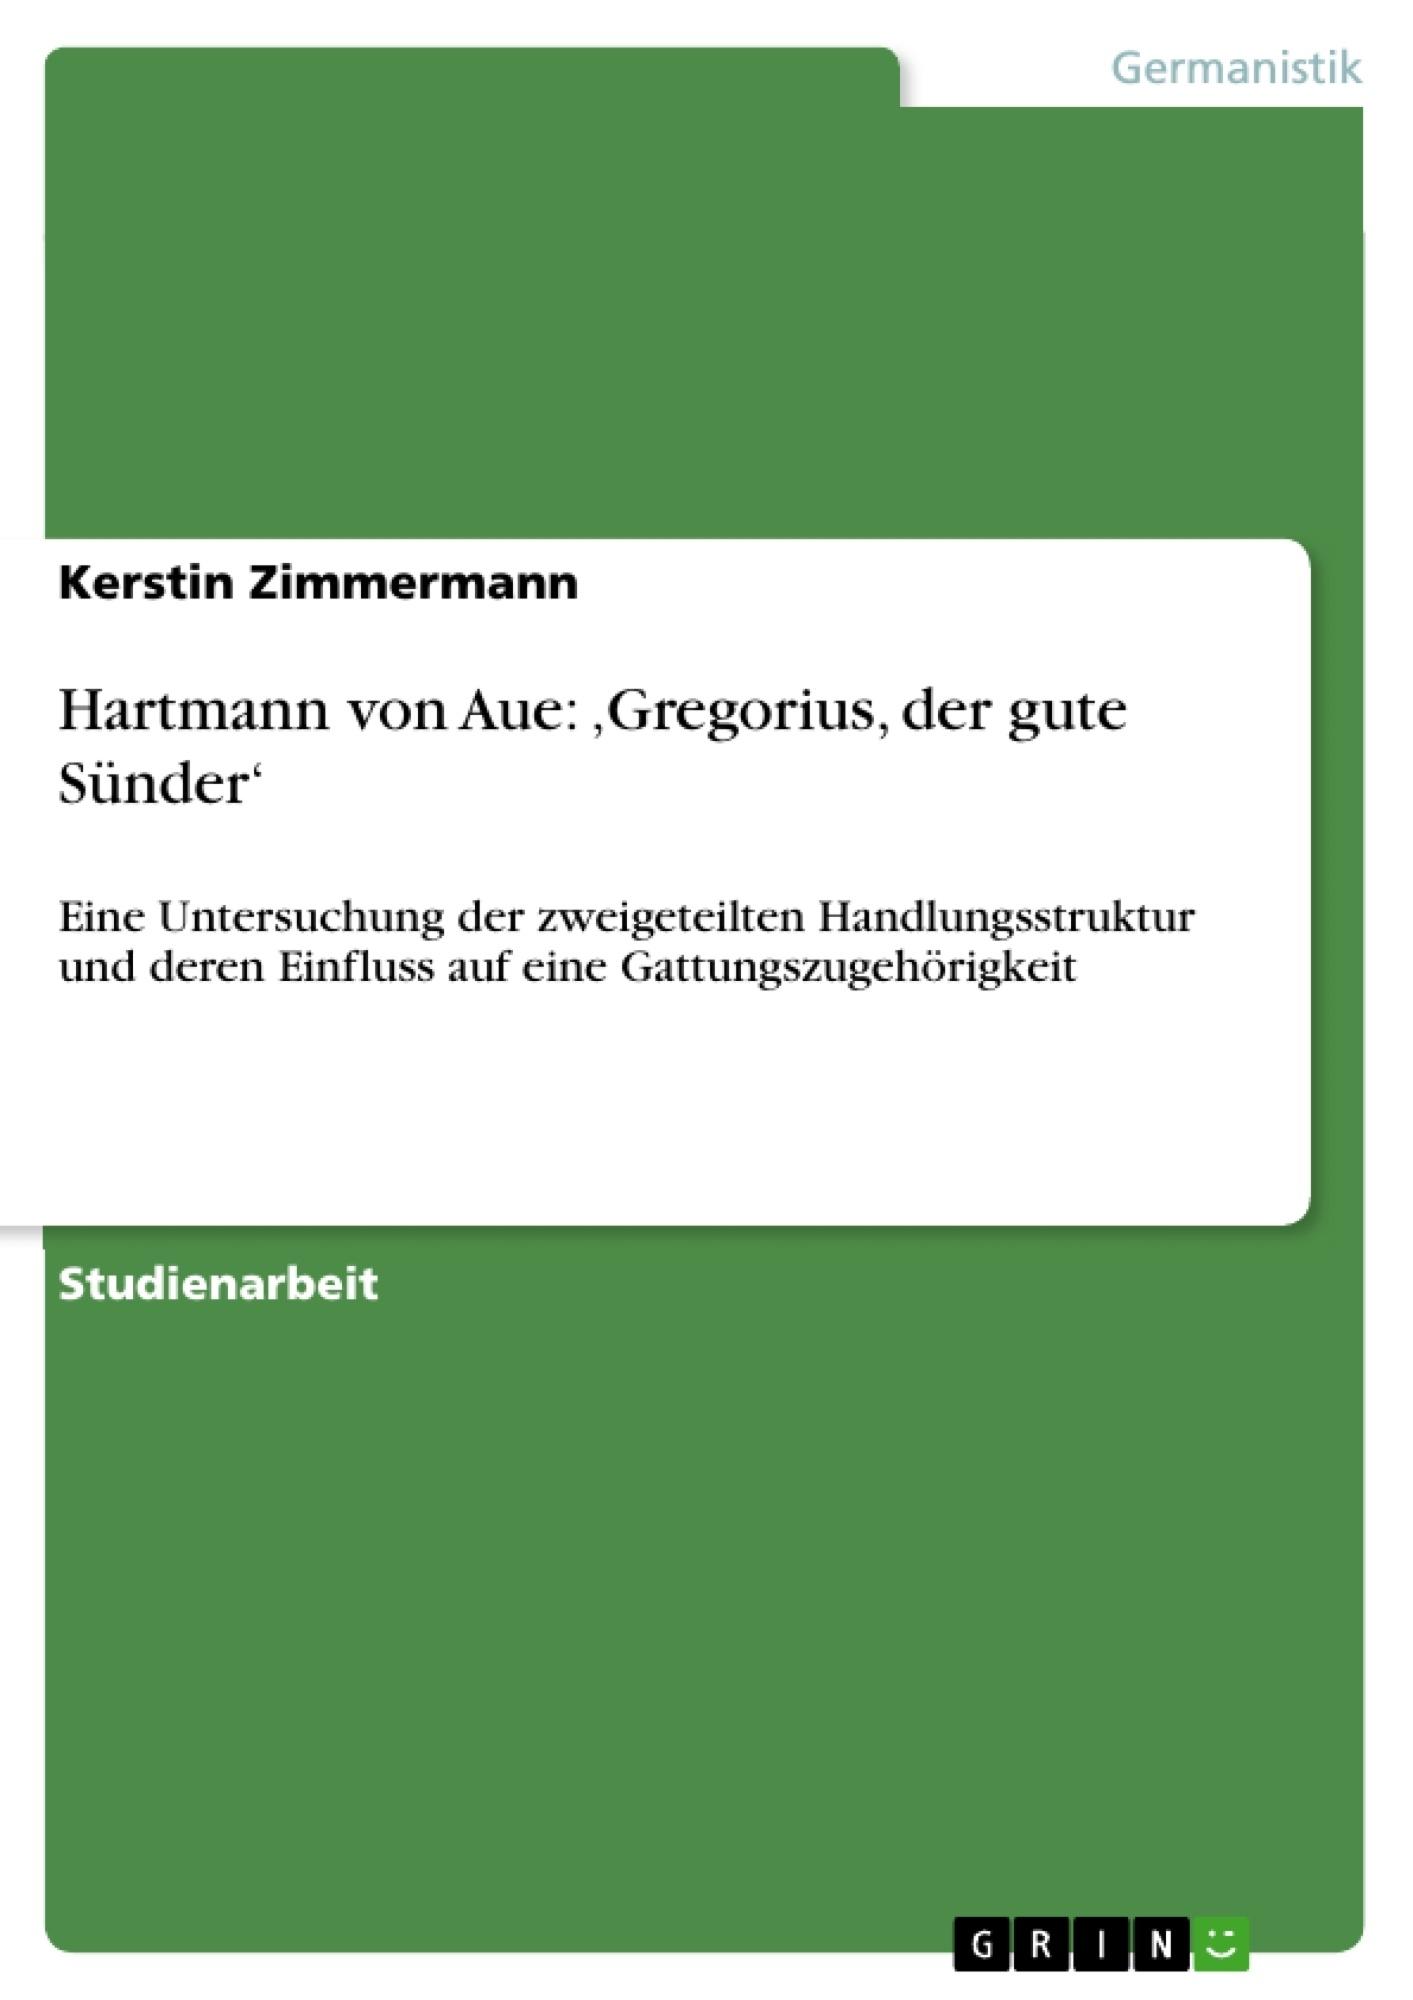 Titel: Hartmann von Aue: 'Gregorius, der gute Sünder'